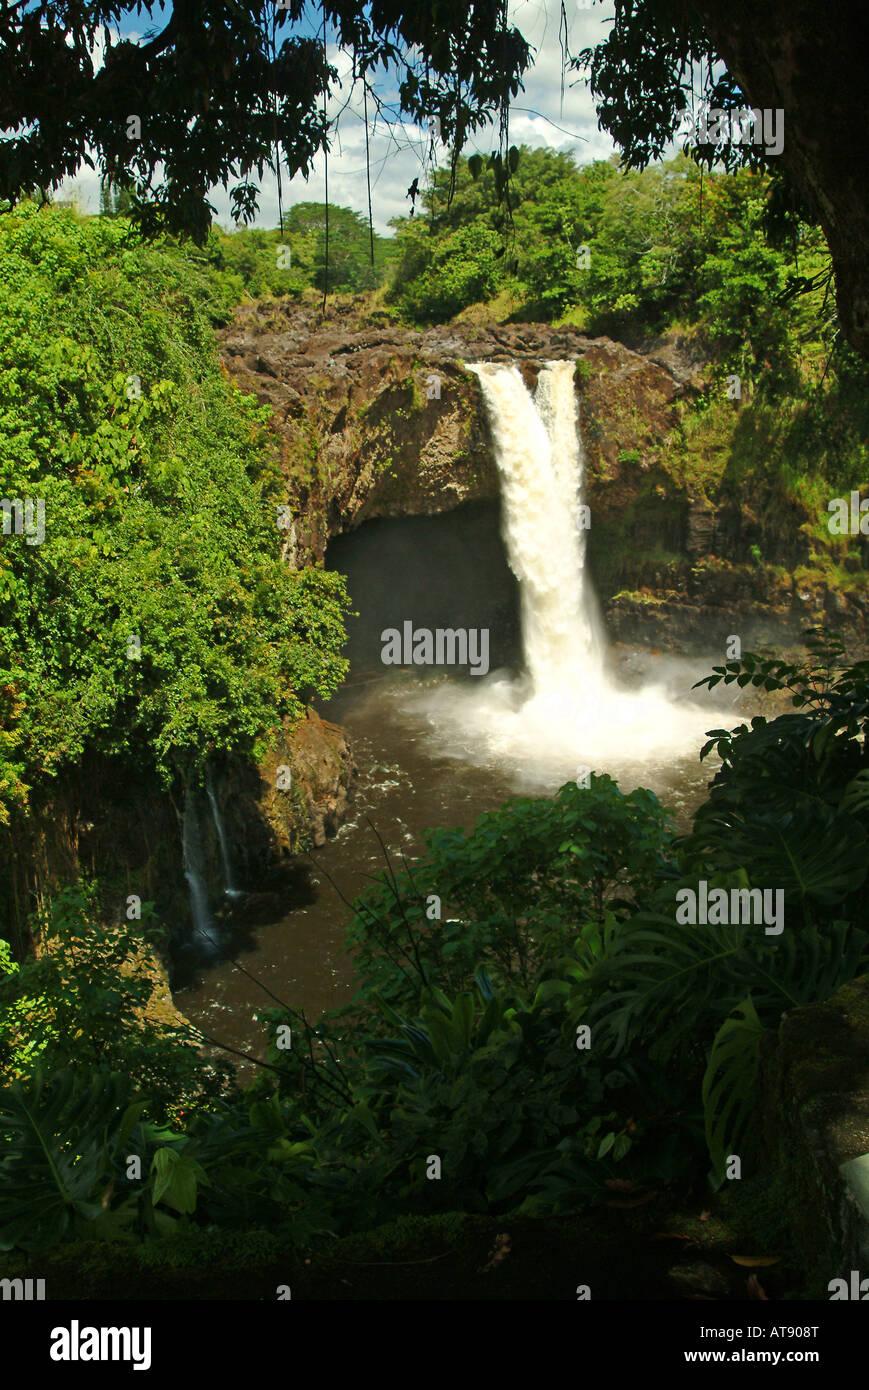 Aunuenue cade, comunemente noto come Rainbow Falls, nei pressi di Hilo sulla Big Island delle Hawaii Foto Stock